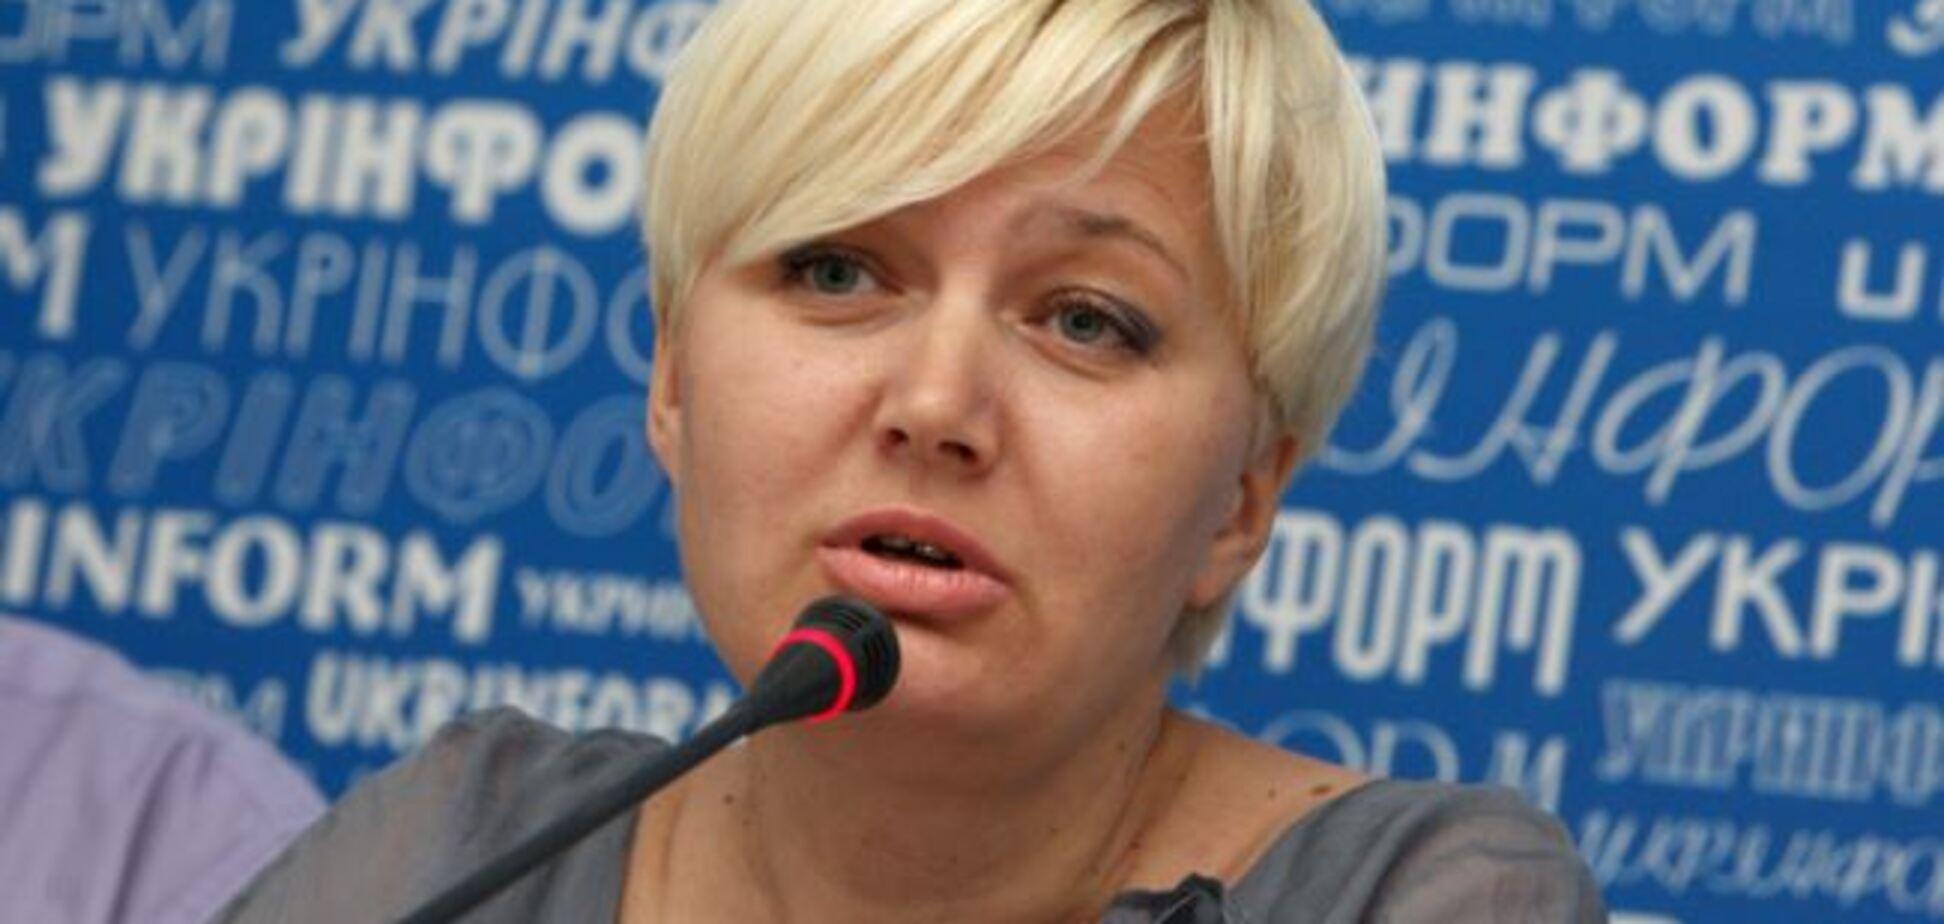 Украина - это Россия? Известный борец за украинский язык поблагодарила вице-спикера Госдумы